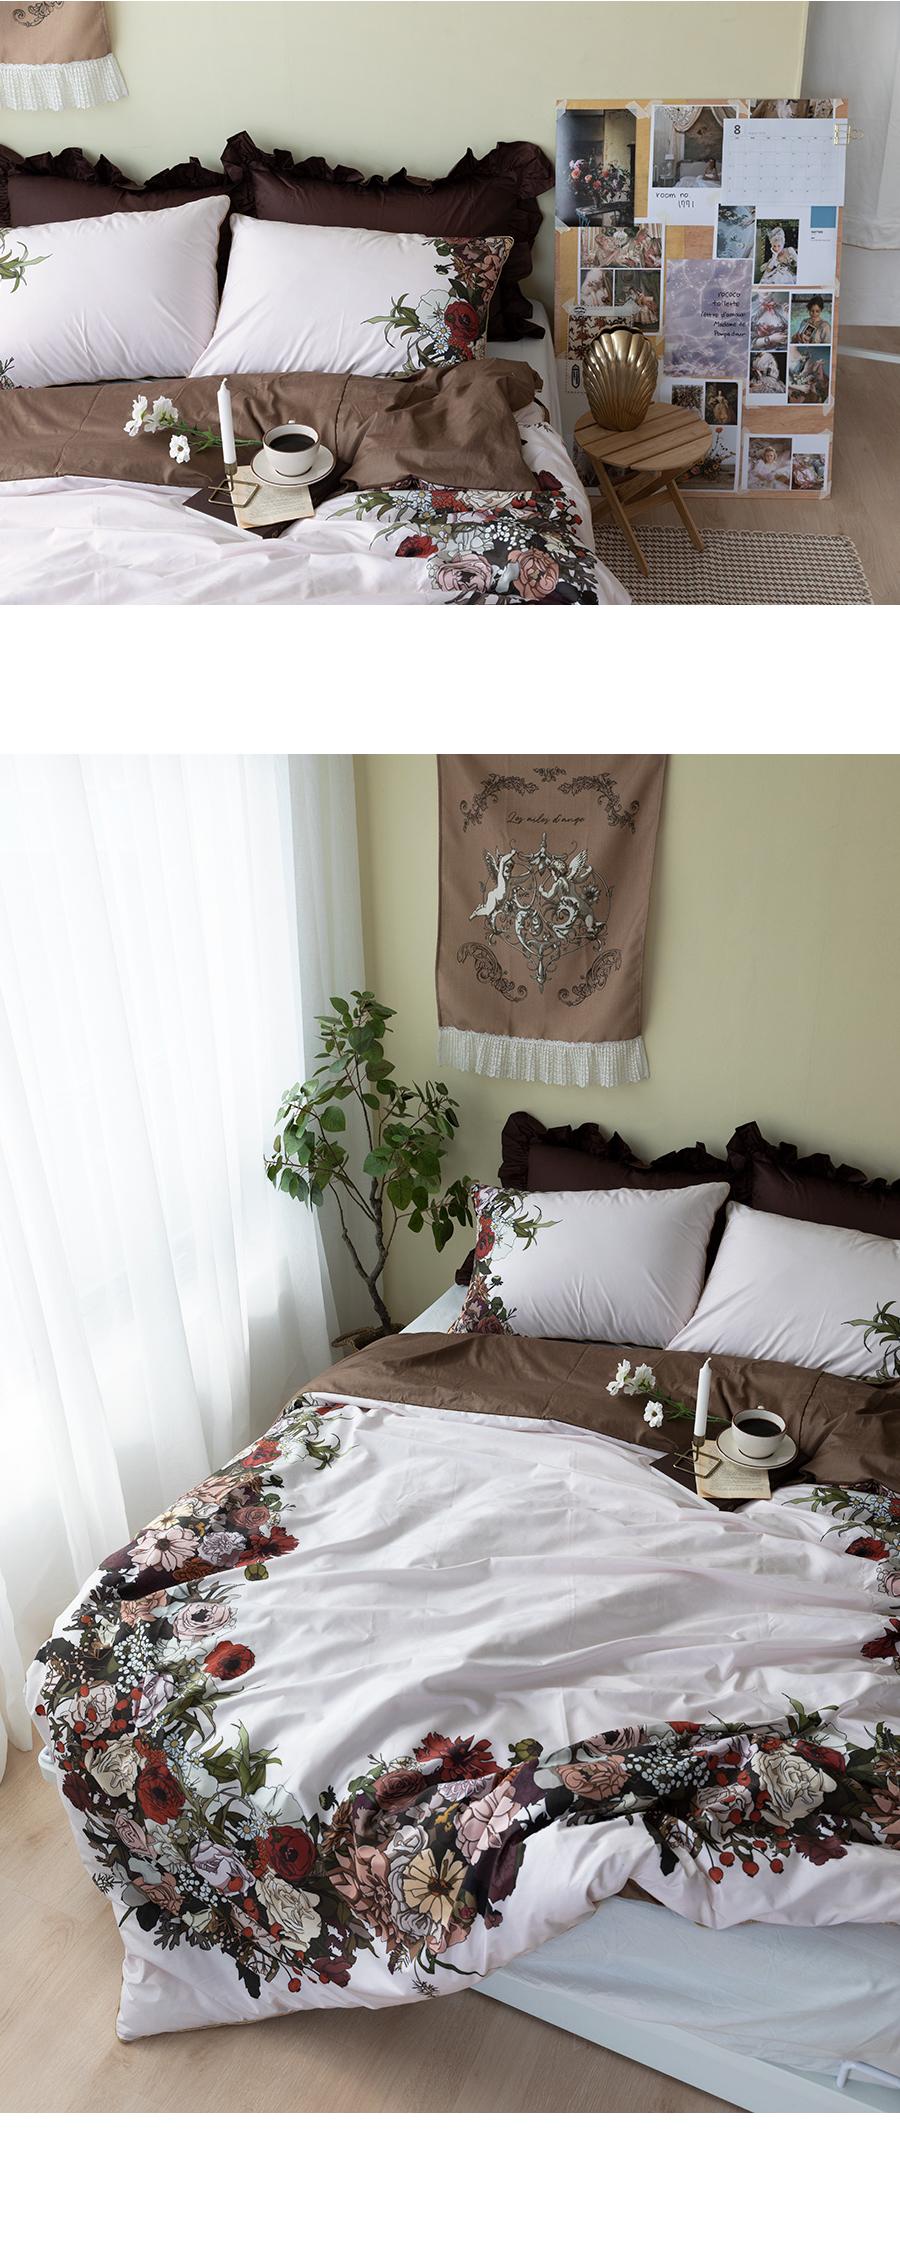 플로르메종 자체제작 3size 호텔침구 사계절이불세트 - 에이미루시, 139,000원, 퀸/킹침구세트, 러블리/플라워